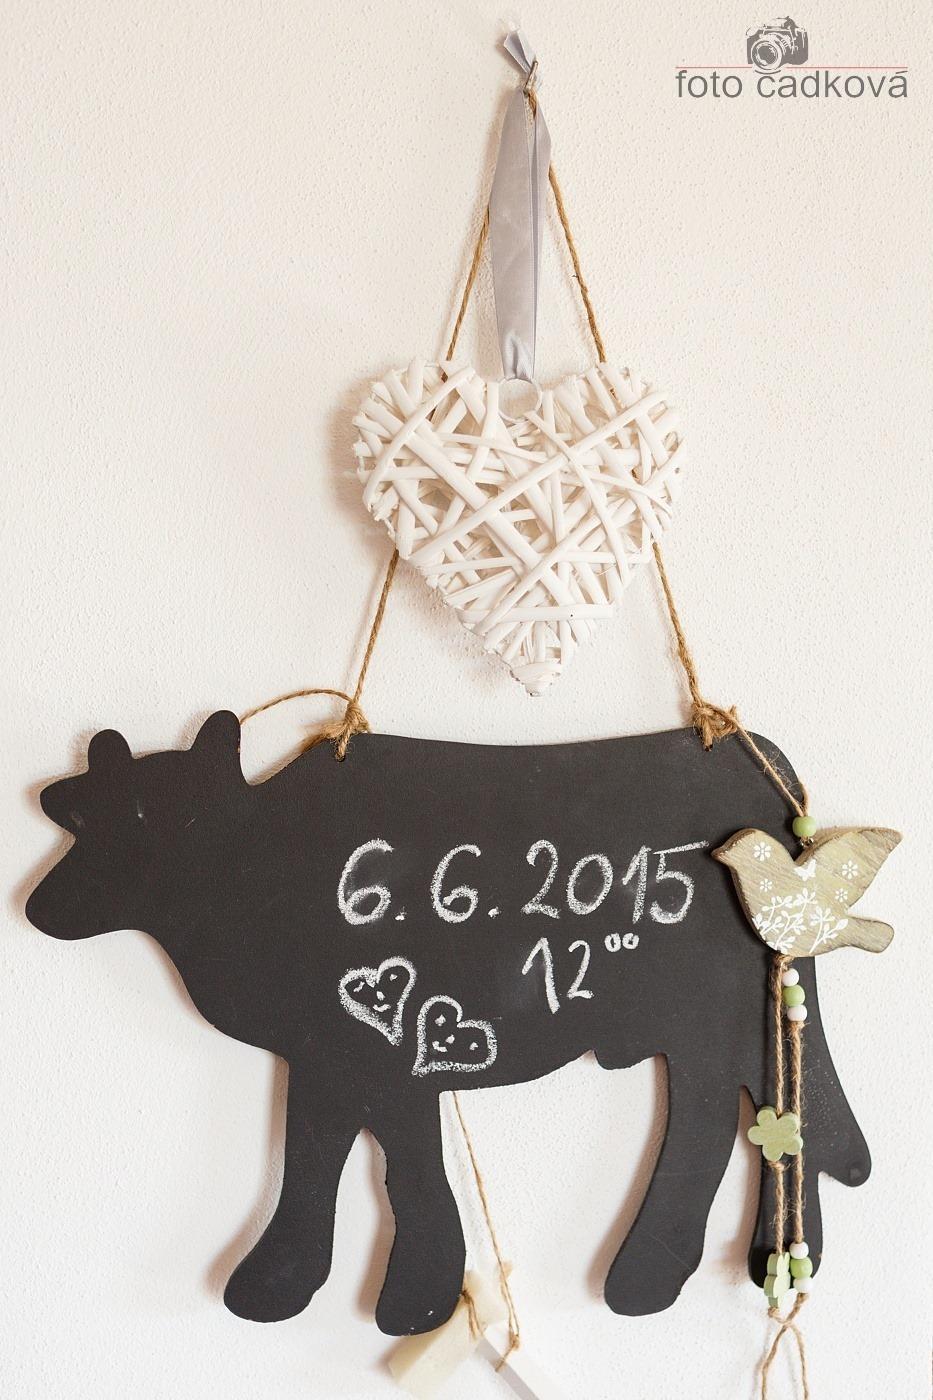 Ivet{{_AND_}}Jenda - Naše kravičková nástěnka, první a zatím poslední nápis, ještě chvíli tam vydrží :)